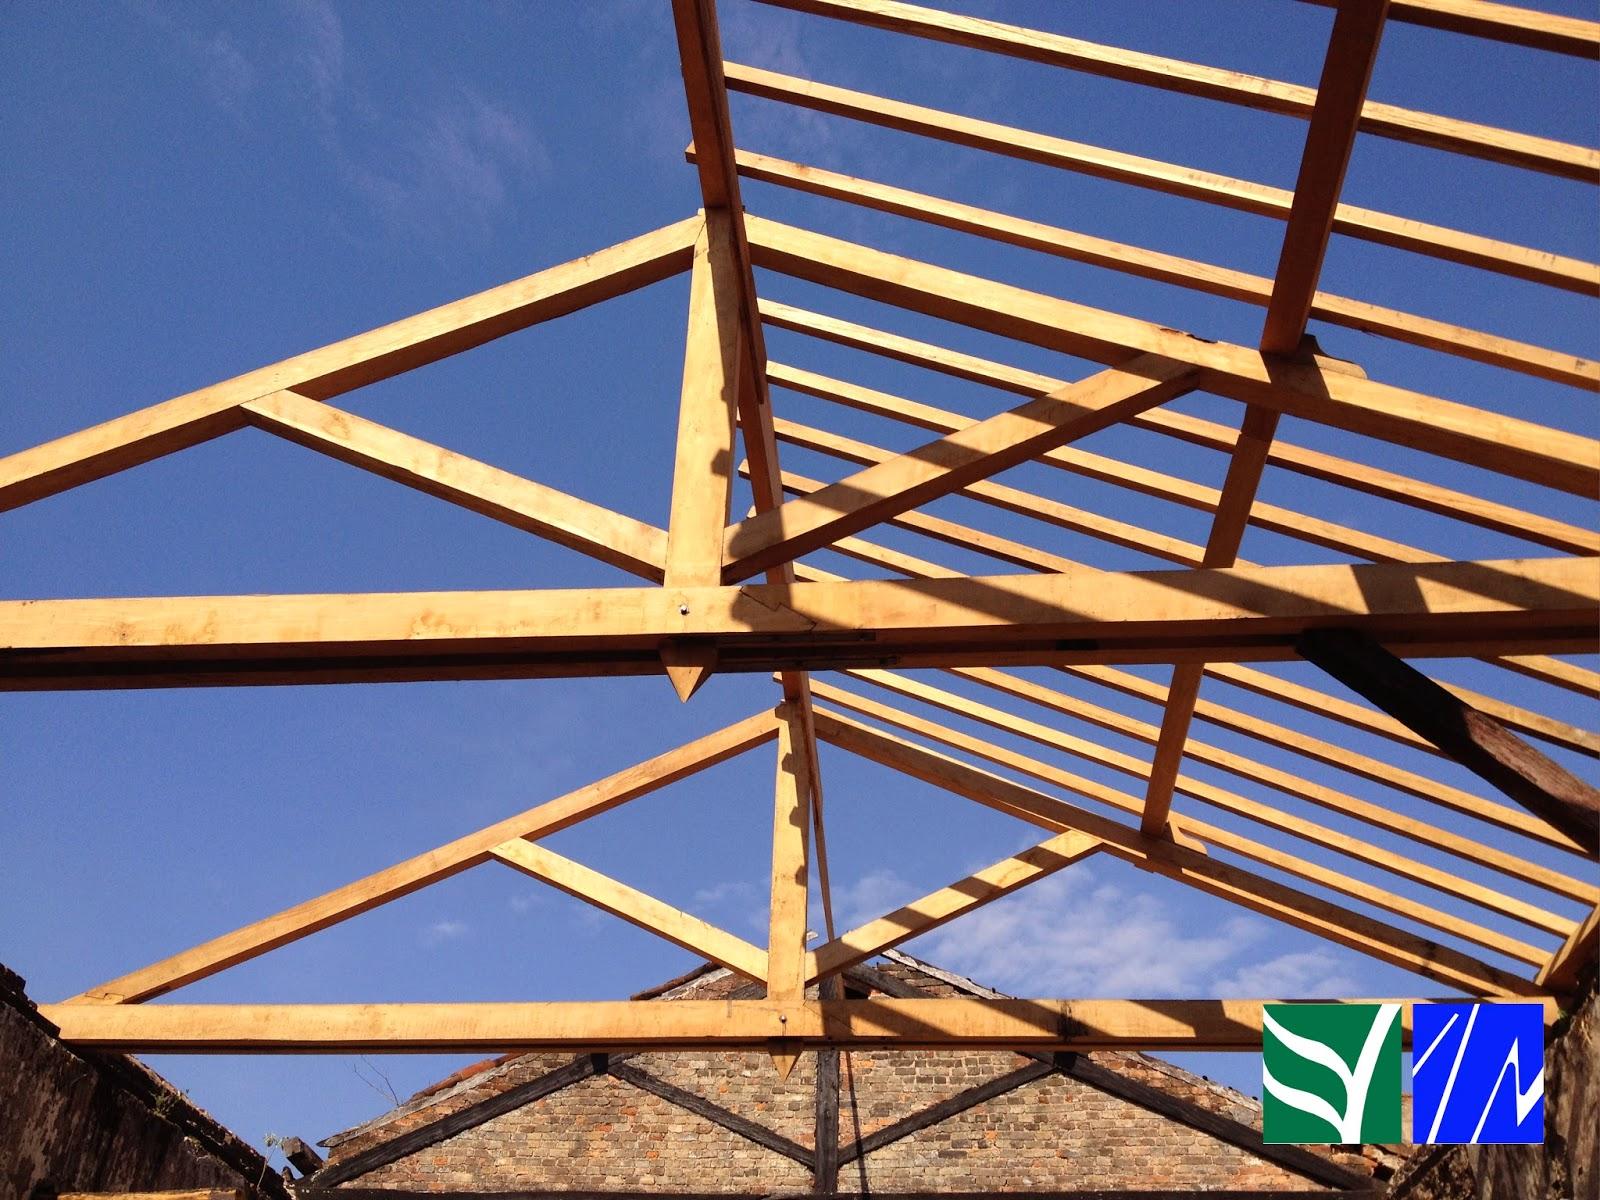 peças de madeira de composição do telhado tesouras de madeira  #C07D0B 1600x1200